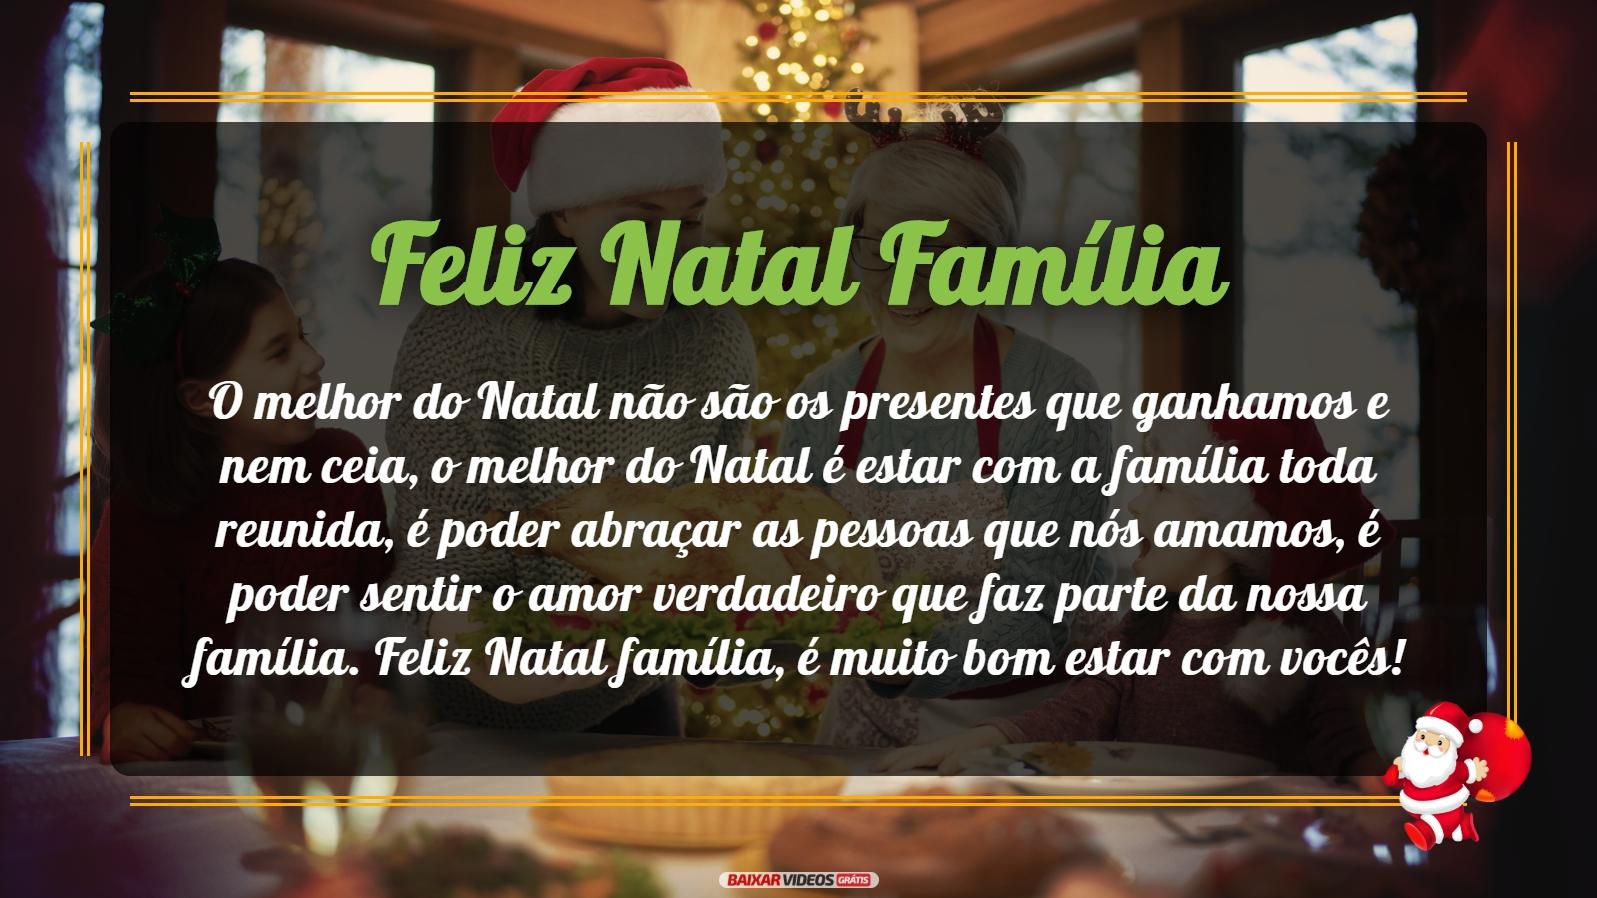 O melhor do Natal não são os presentes que ganhamos e nem ceia, o melhor do Natal é estar com a família toda reunida, é poder abraçar as pessoas que nós amamos, é poder sentir o amor verdadeiro que faz parte da nossa família. Feliz Natal família, é muito bom estar com vocês!